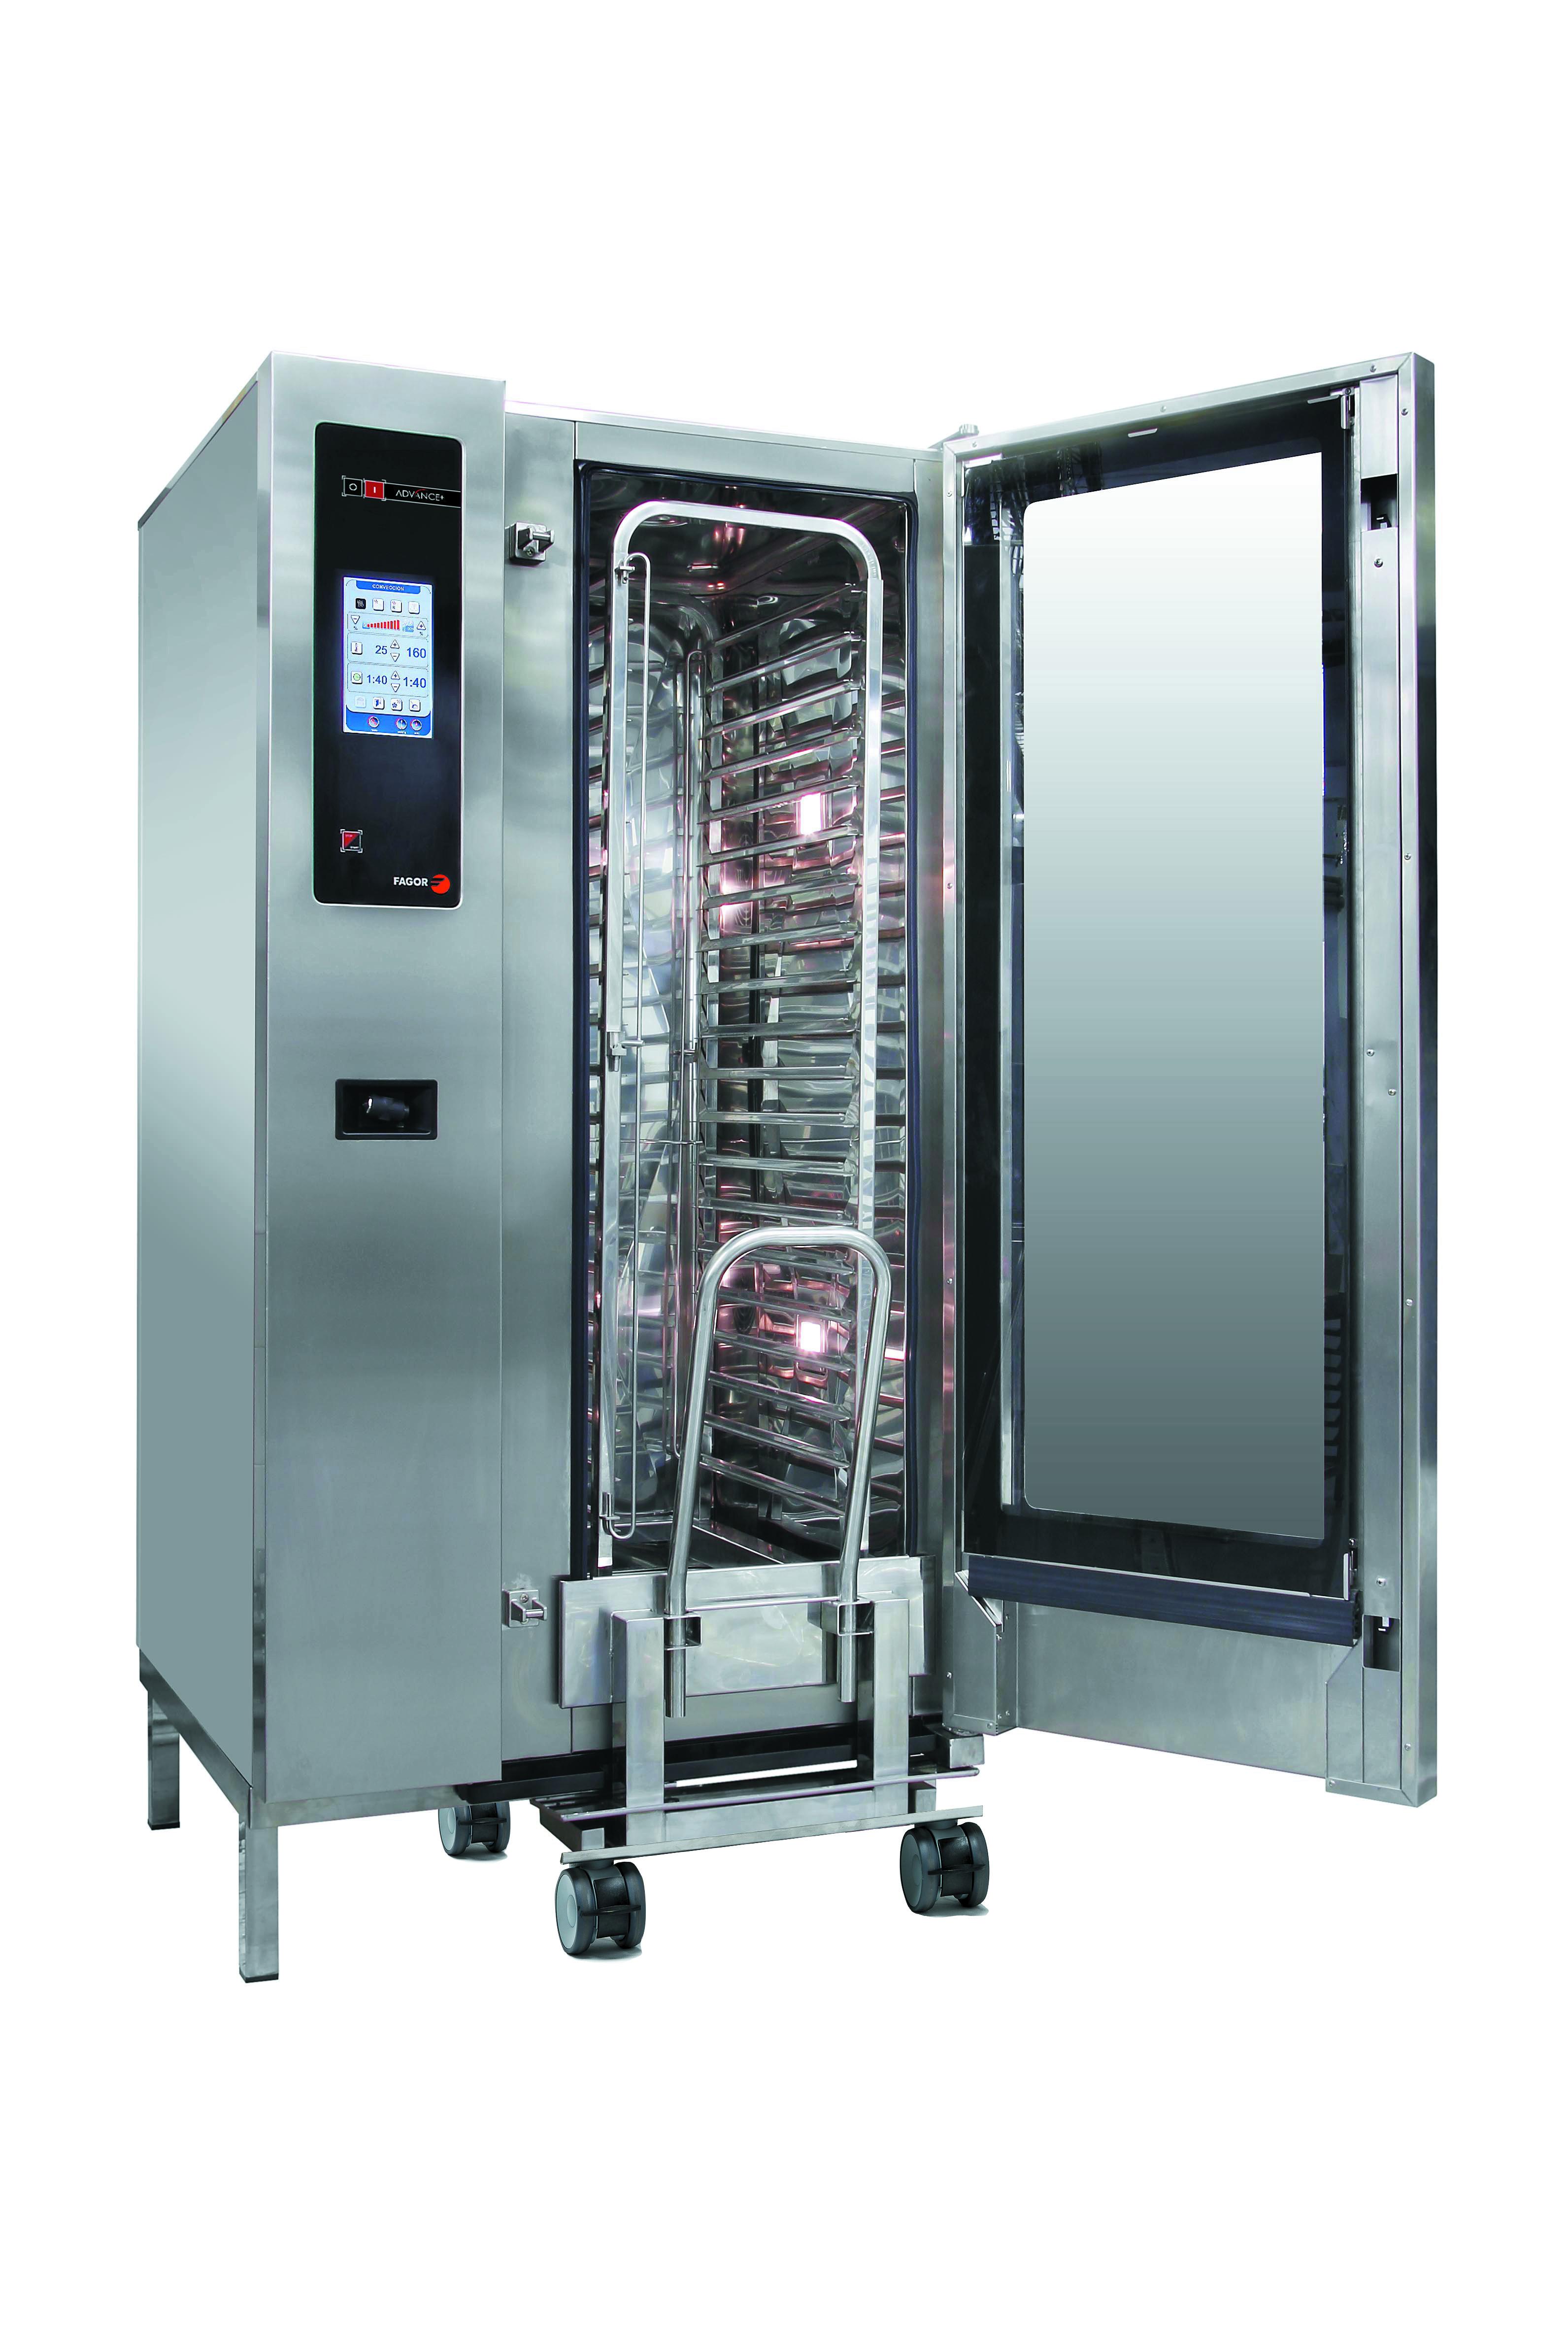 Fagor APG-201 萬能蒸烤箱(瓦斯型)